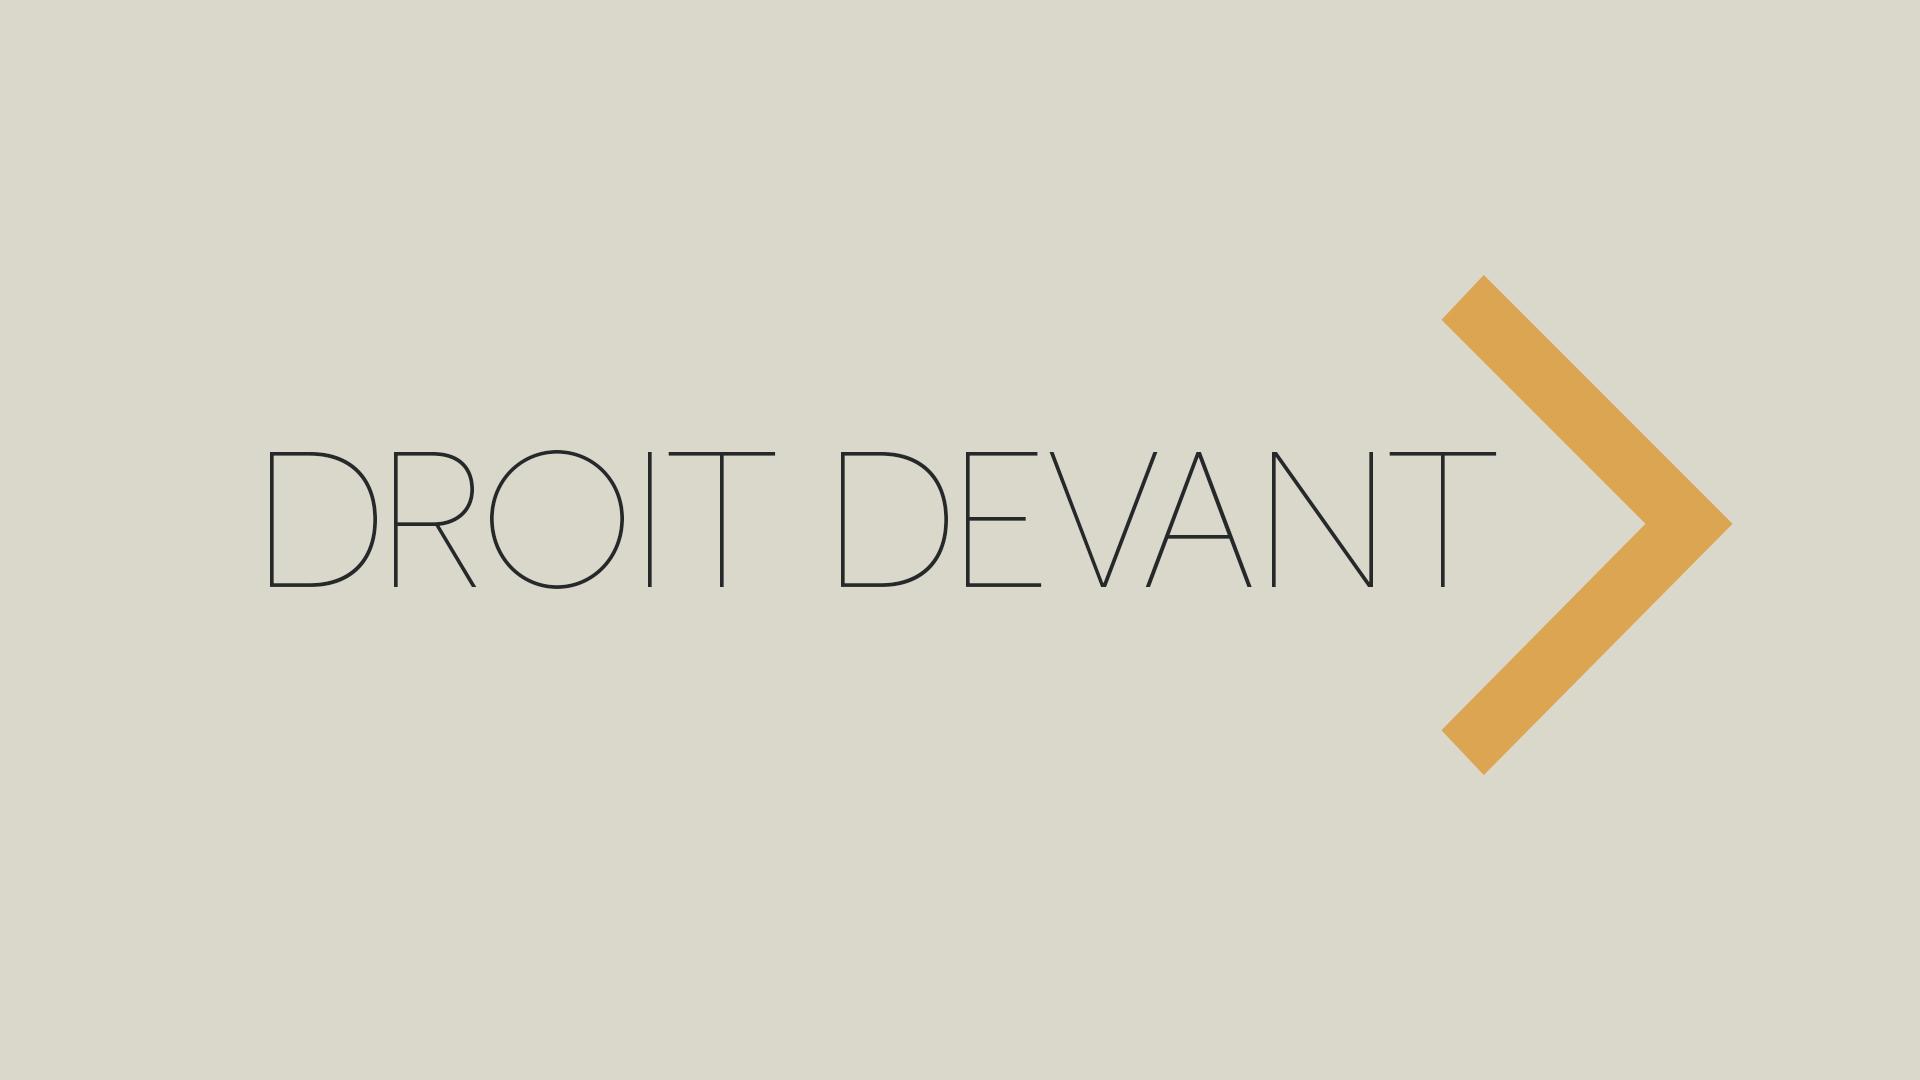 08.Thumbnail_LVC_Droit Devant_V2.jpg